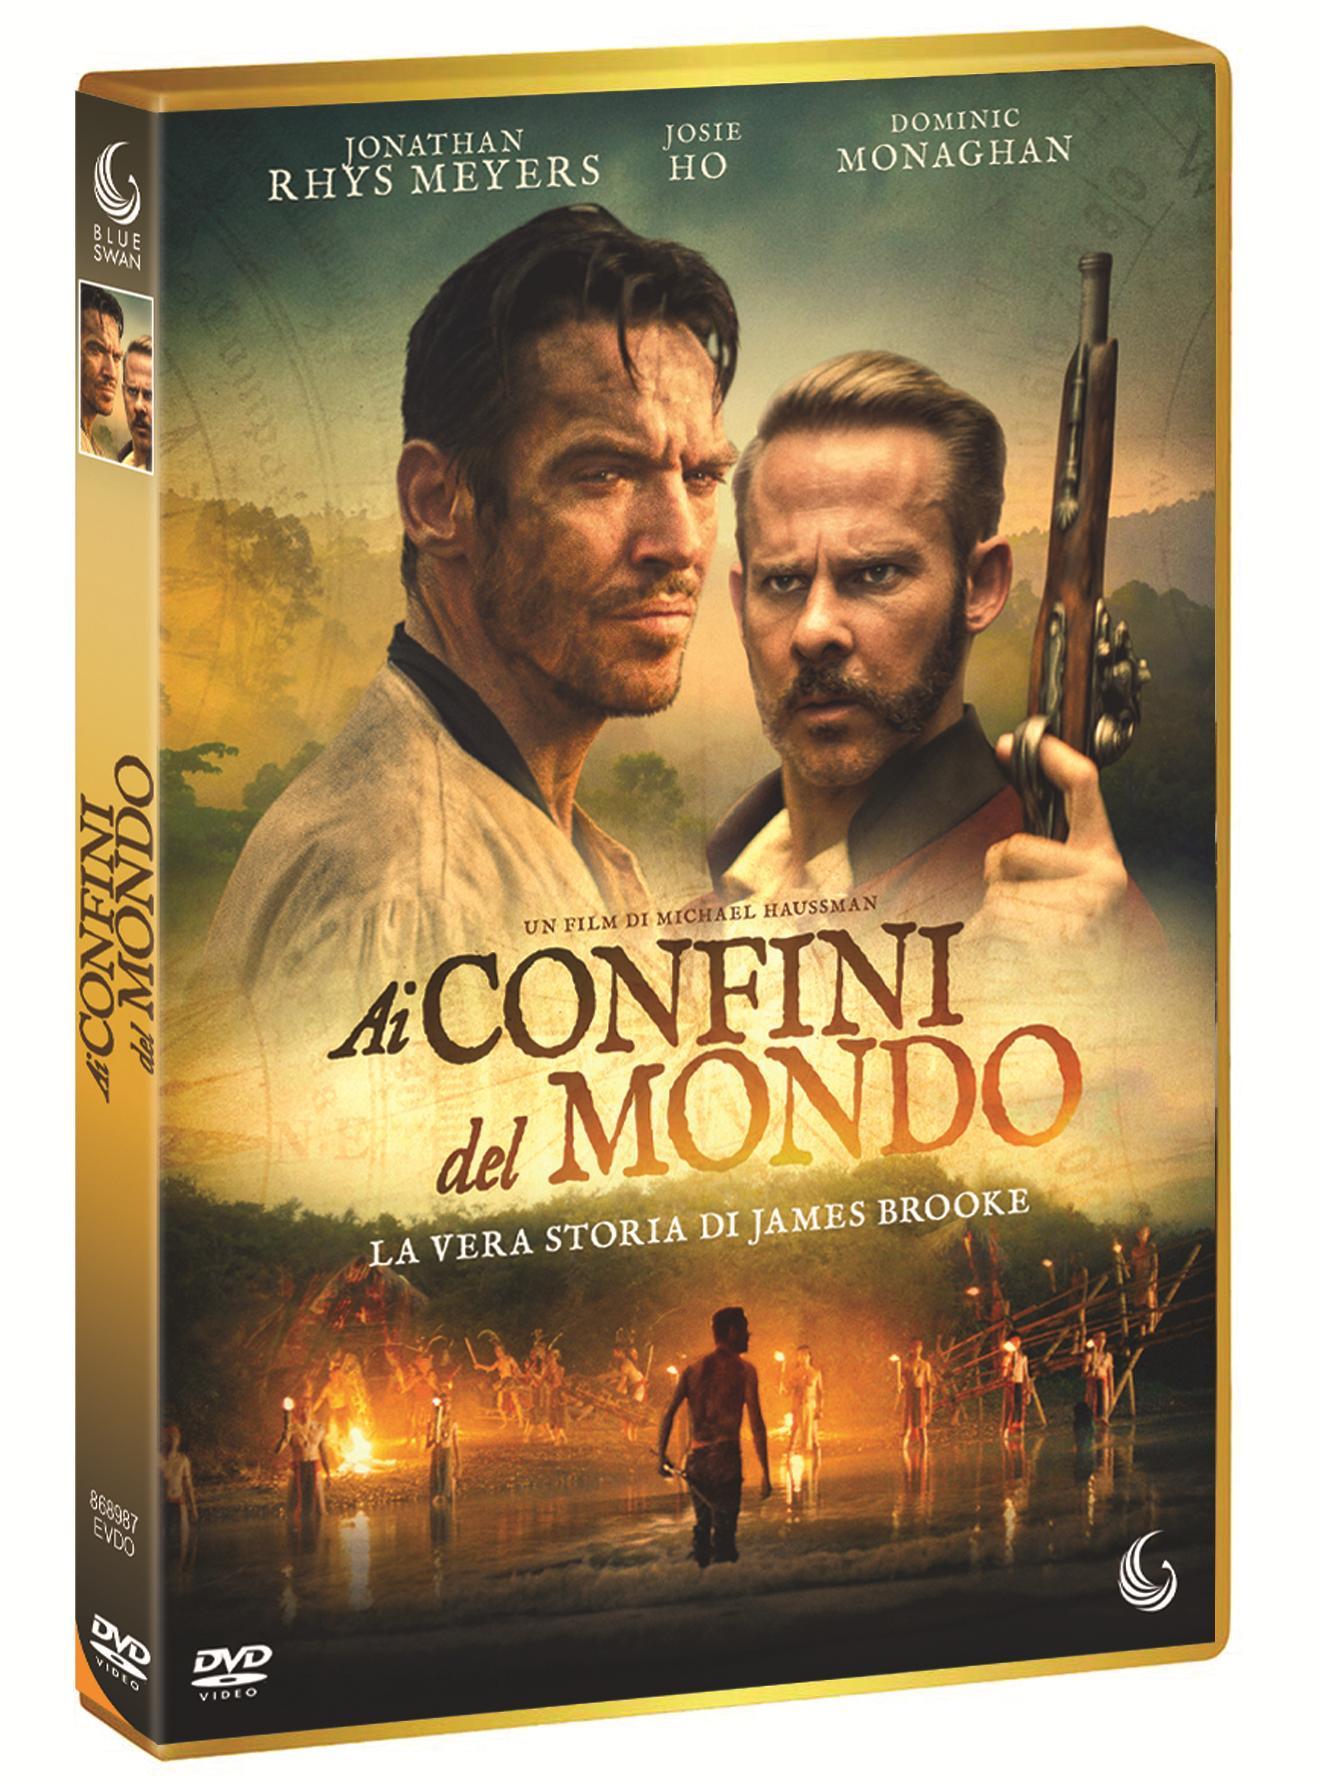 AI CONFINI DEL MONDO - LA VERA STORIA DI JAMES BROOK (DVD)